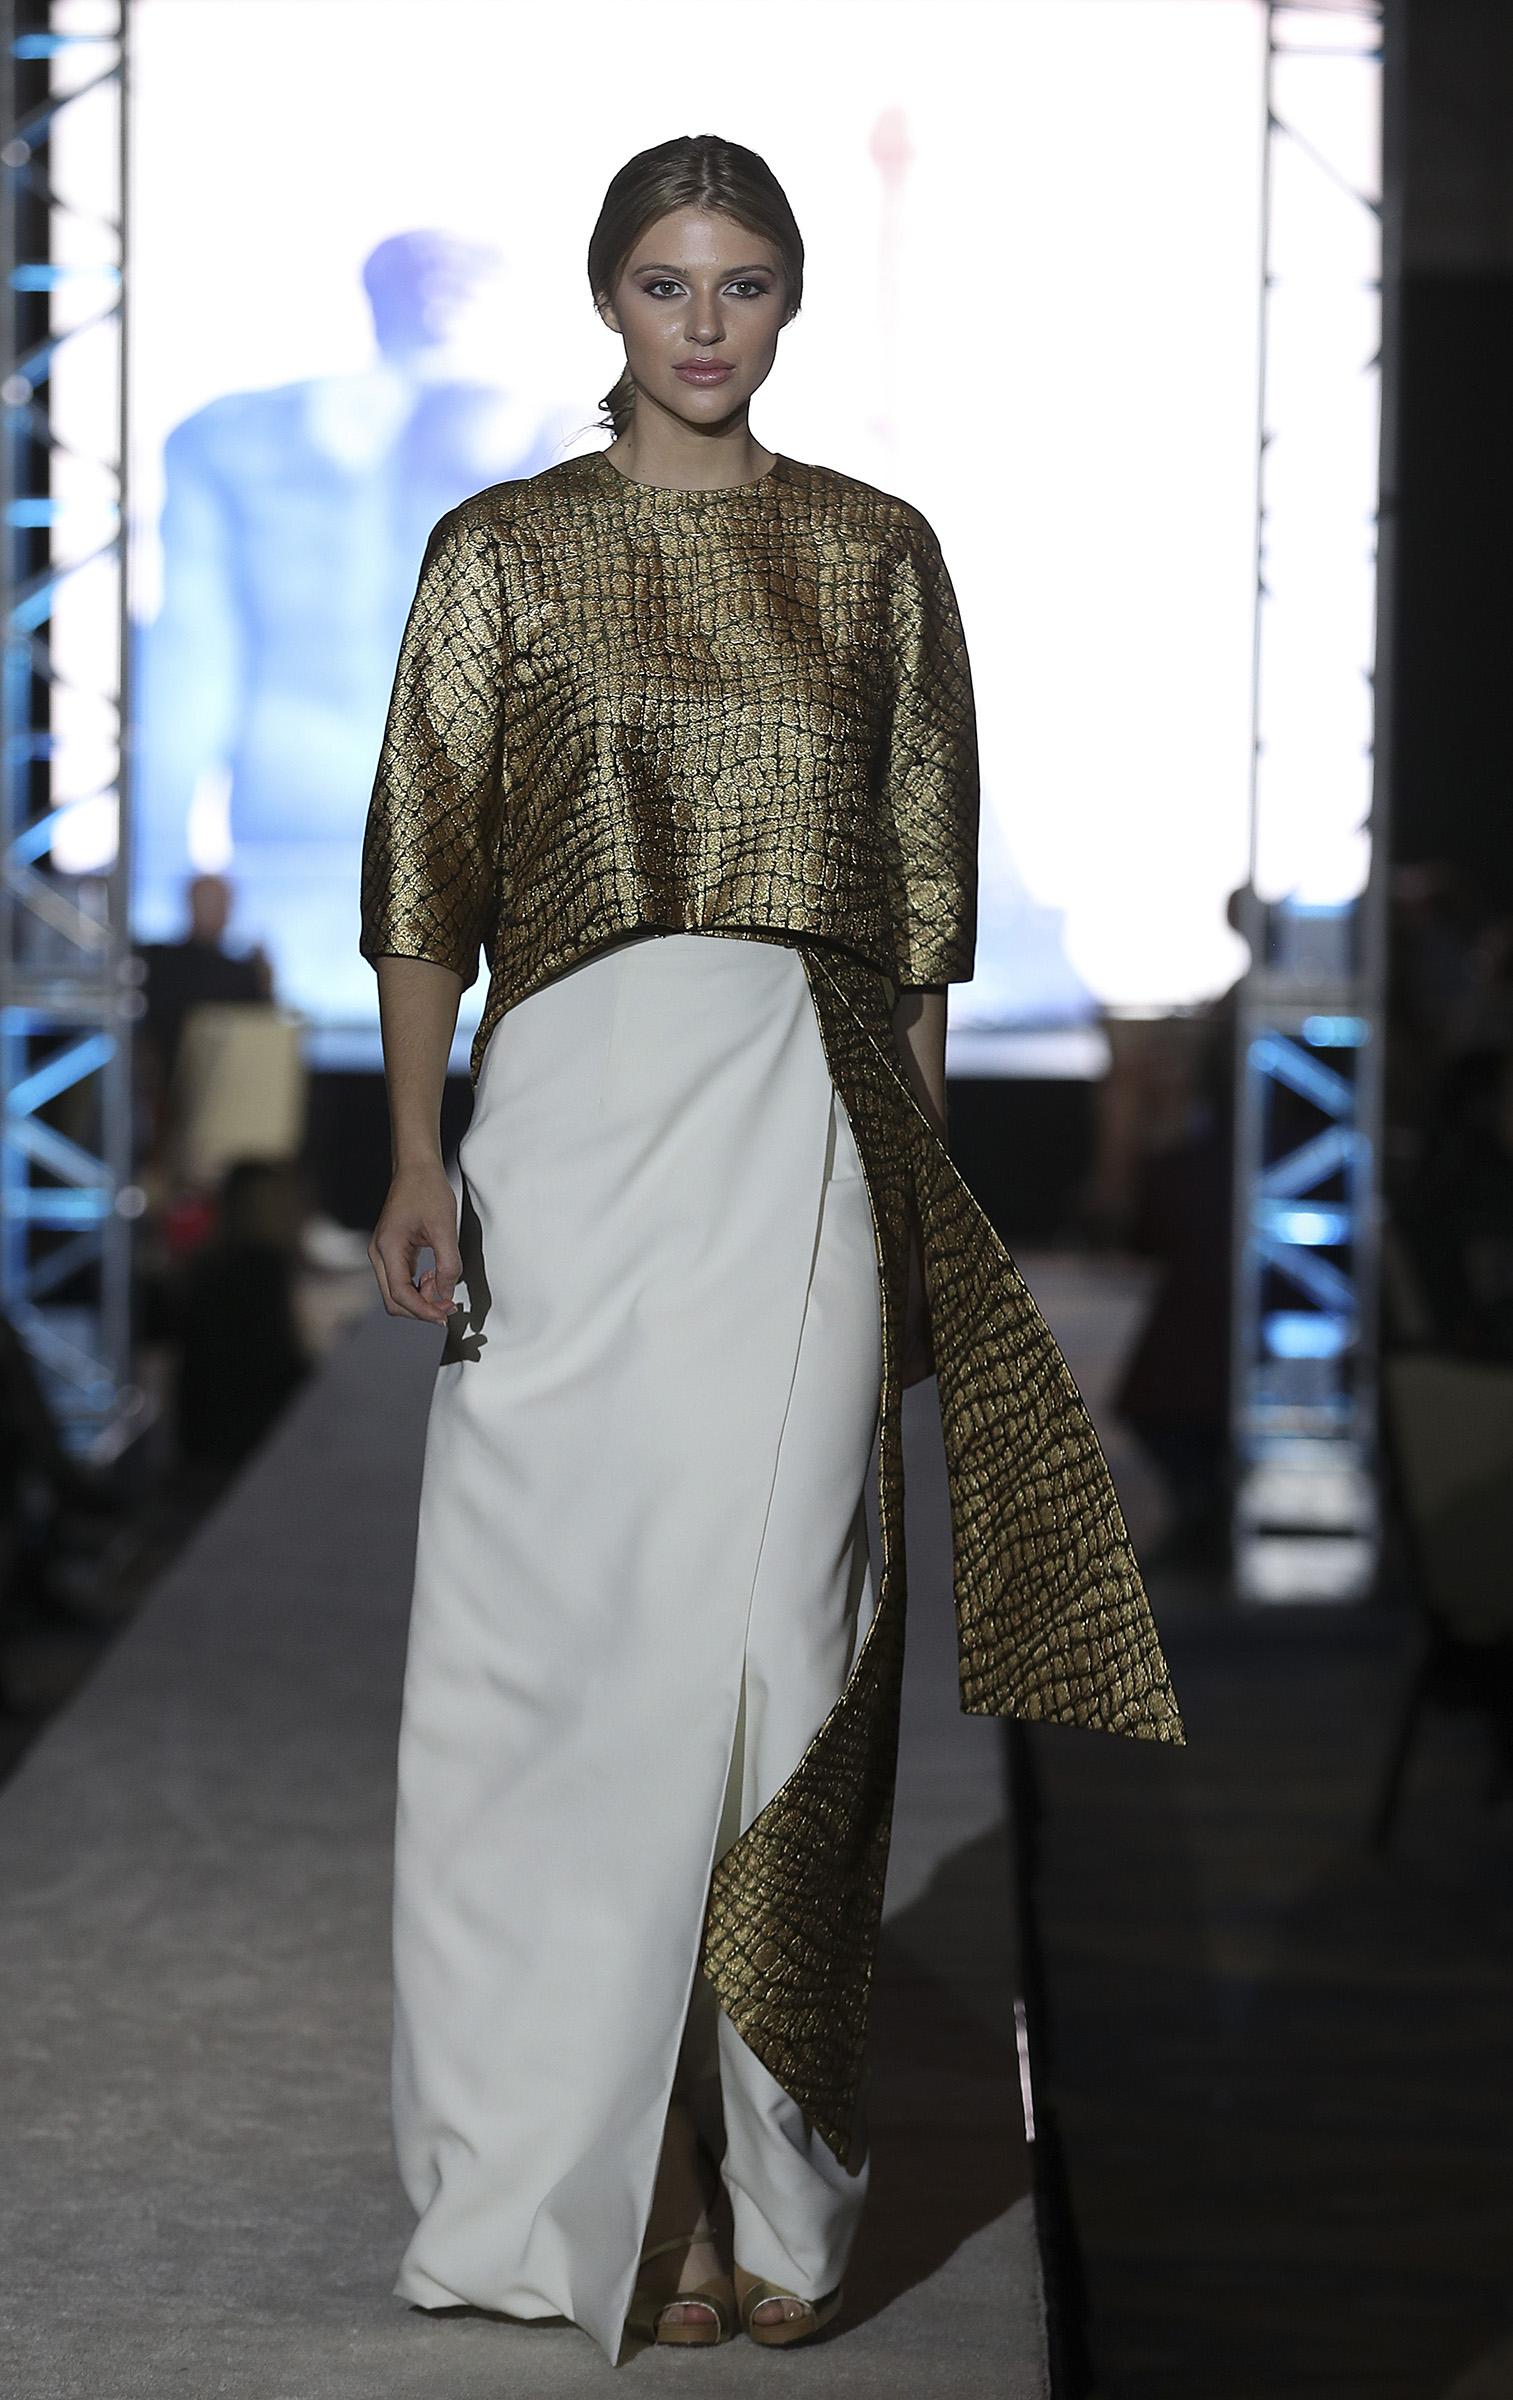 Durante el desfile de Reinaldo Álvarez, Anderson modeló un conjunto de blusa dorada y falda blanca. (Vanessa Serra)